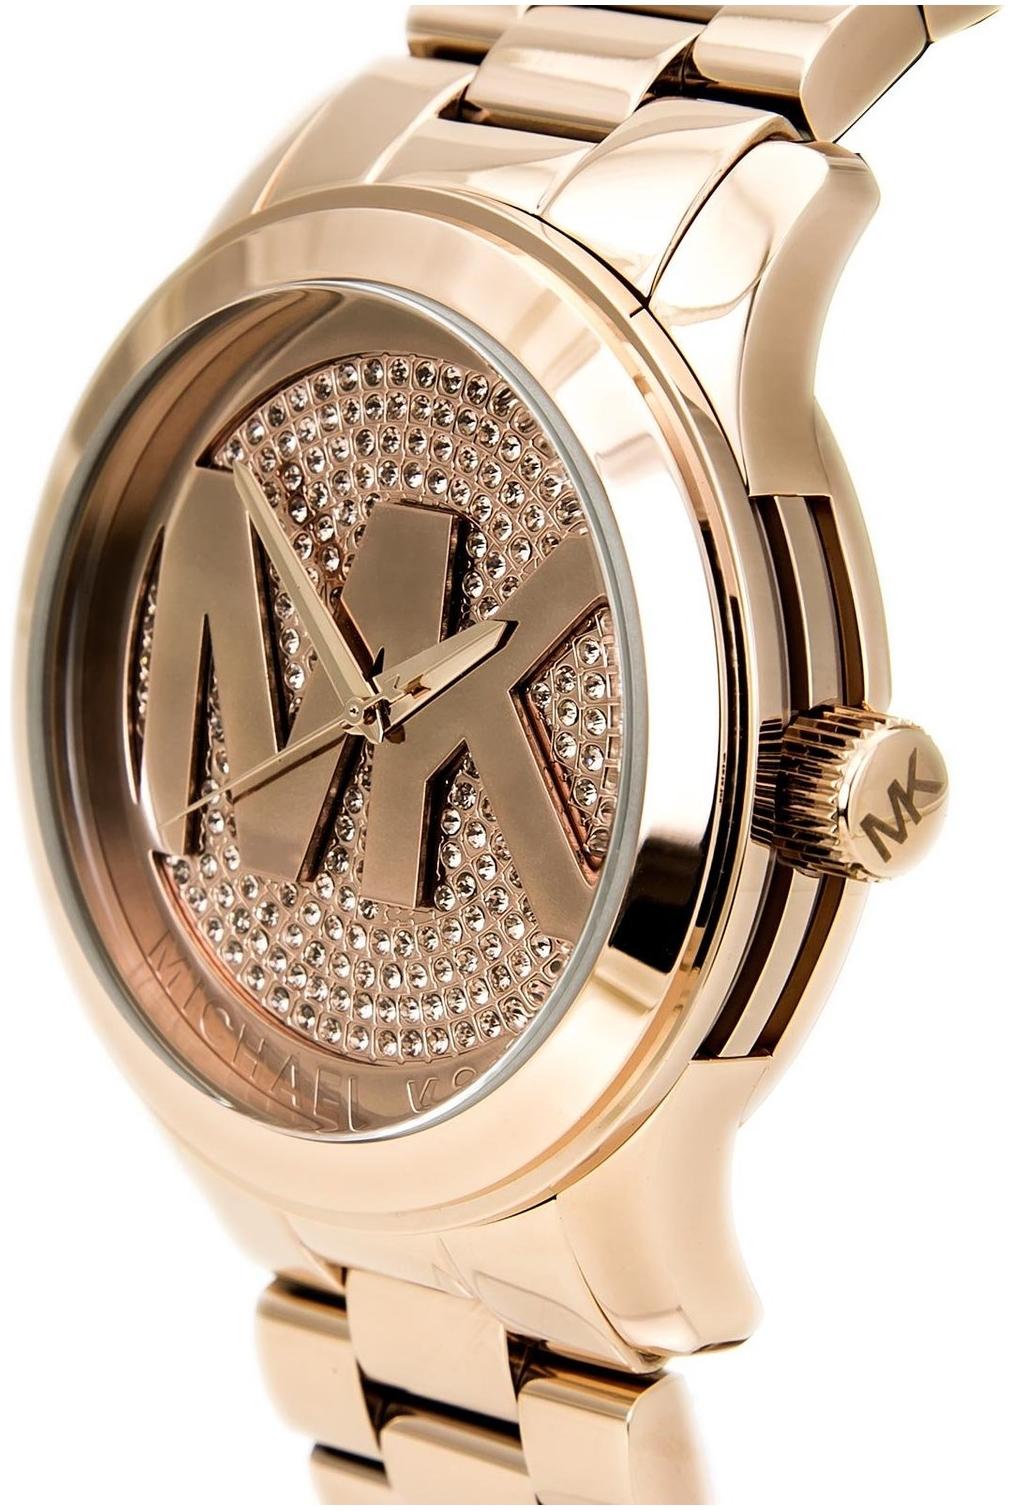 michael kors часы женские официальный смешивать разные группы